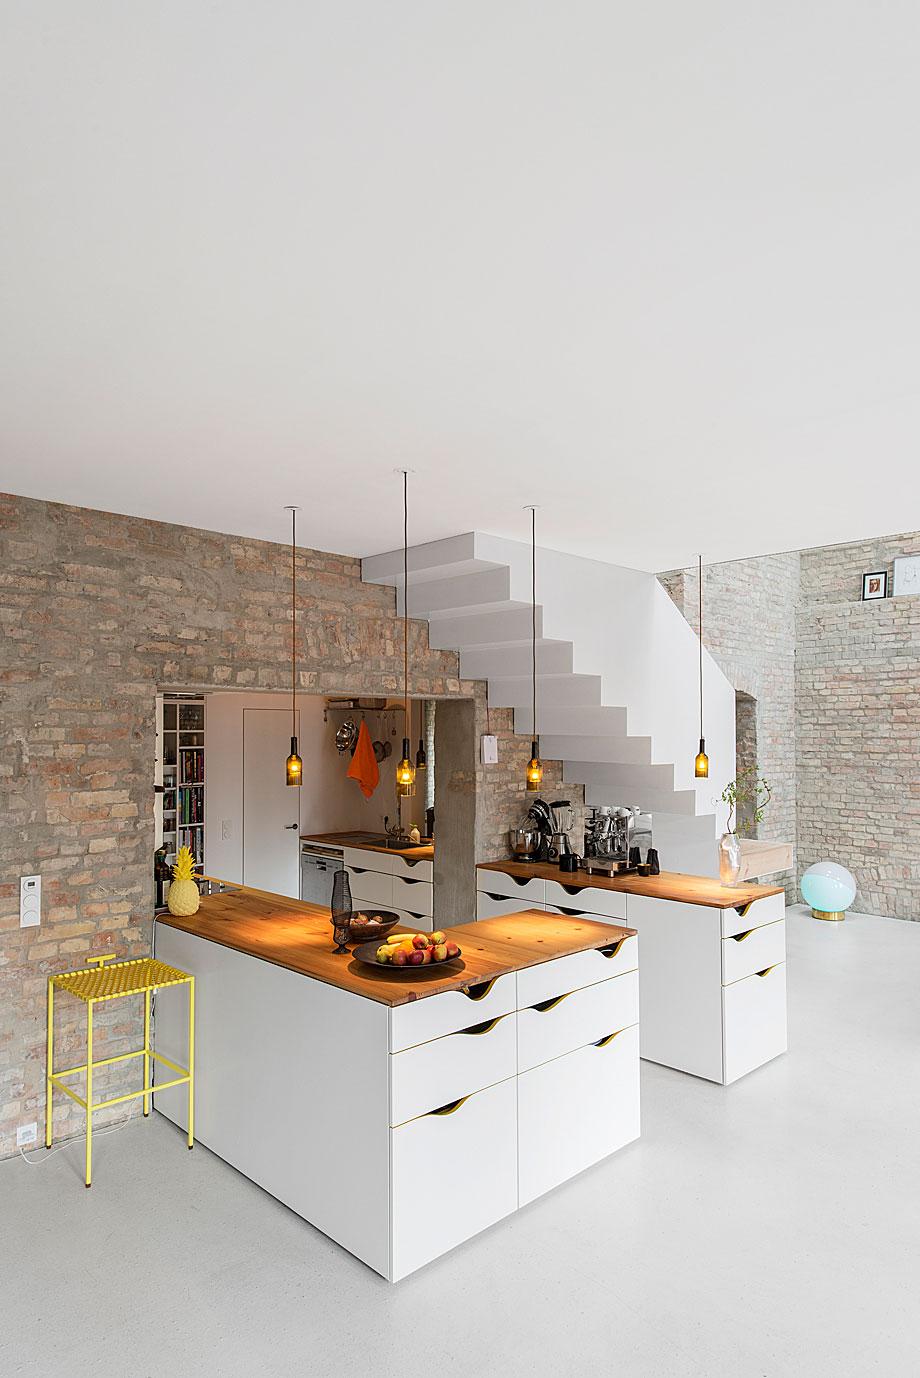 casa-mmb-asdfg-architekten-fotos-michal-pfisterer-3